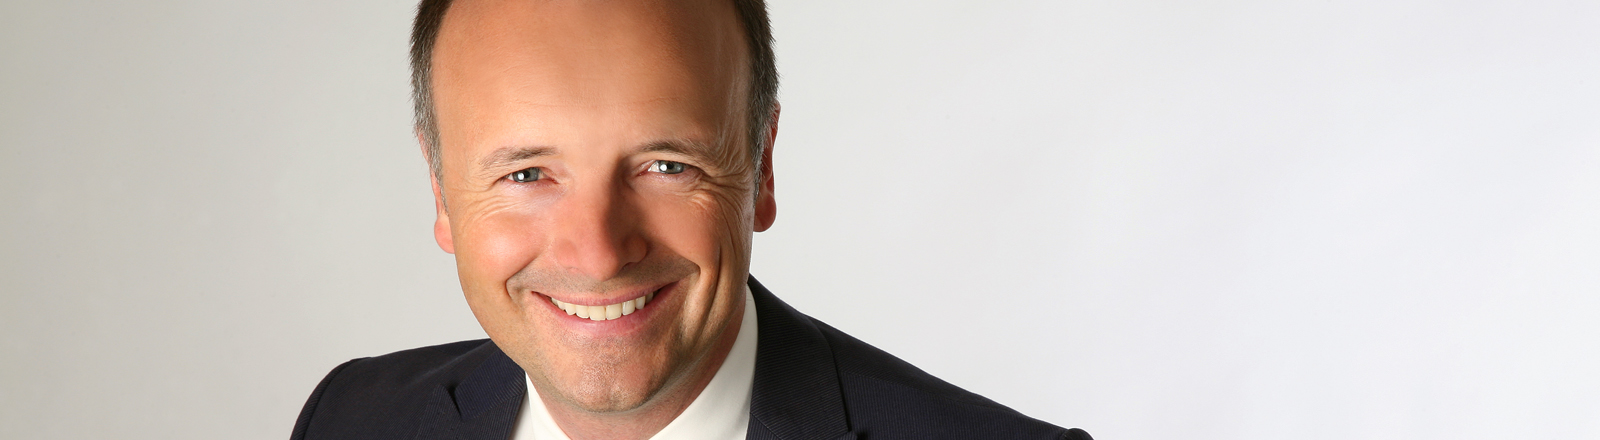 Karsten Schwanke